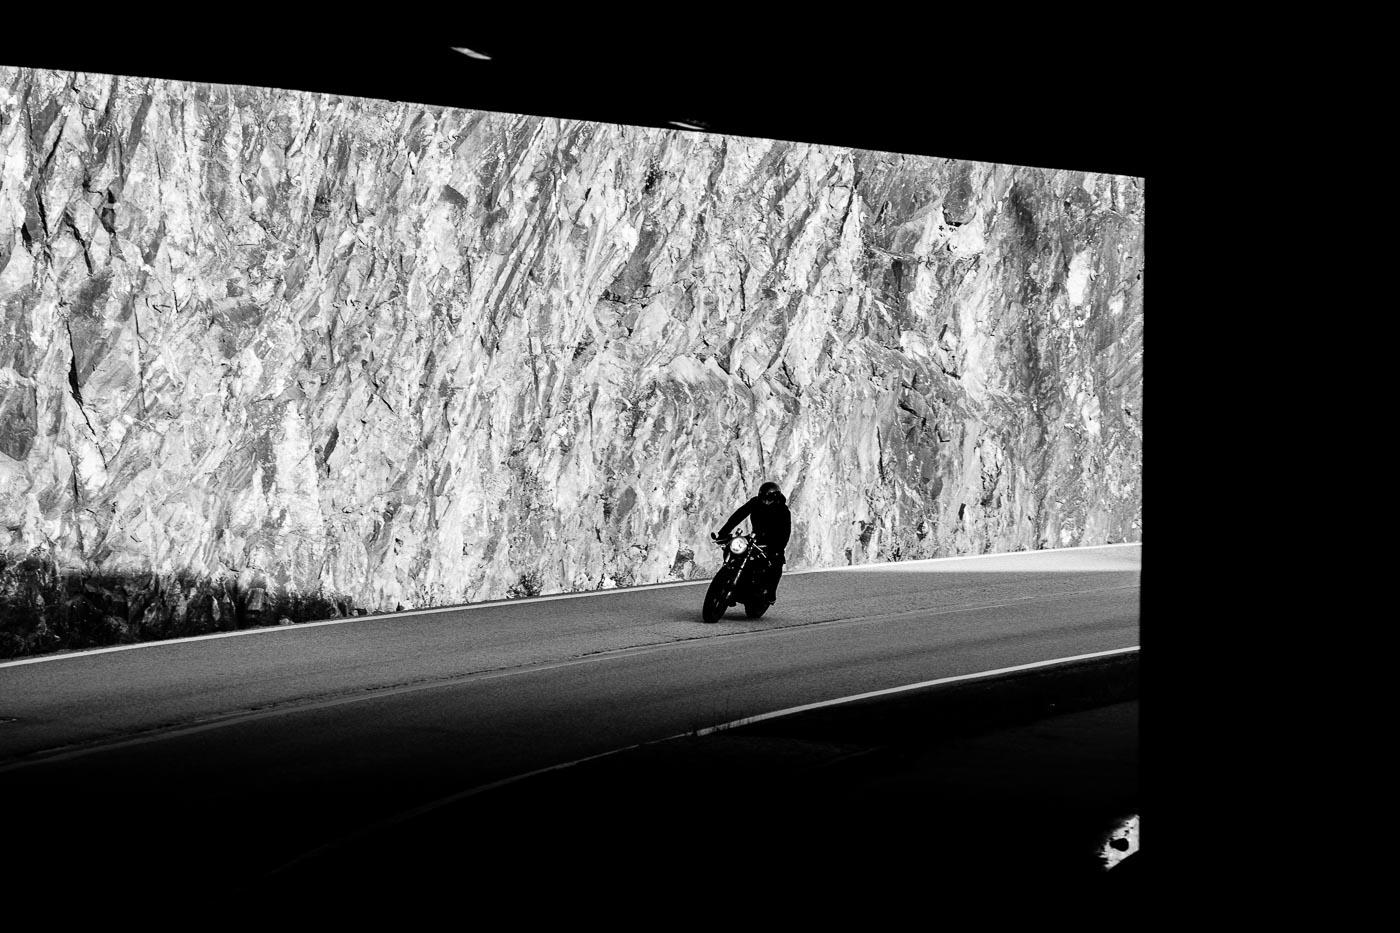 WilkieVintage_Motorcycle_Projects @ Alan Thomas Duncan Wilkie-18.jpg